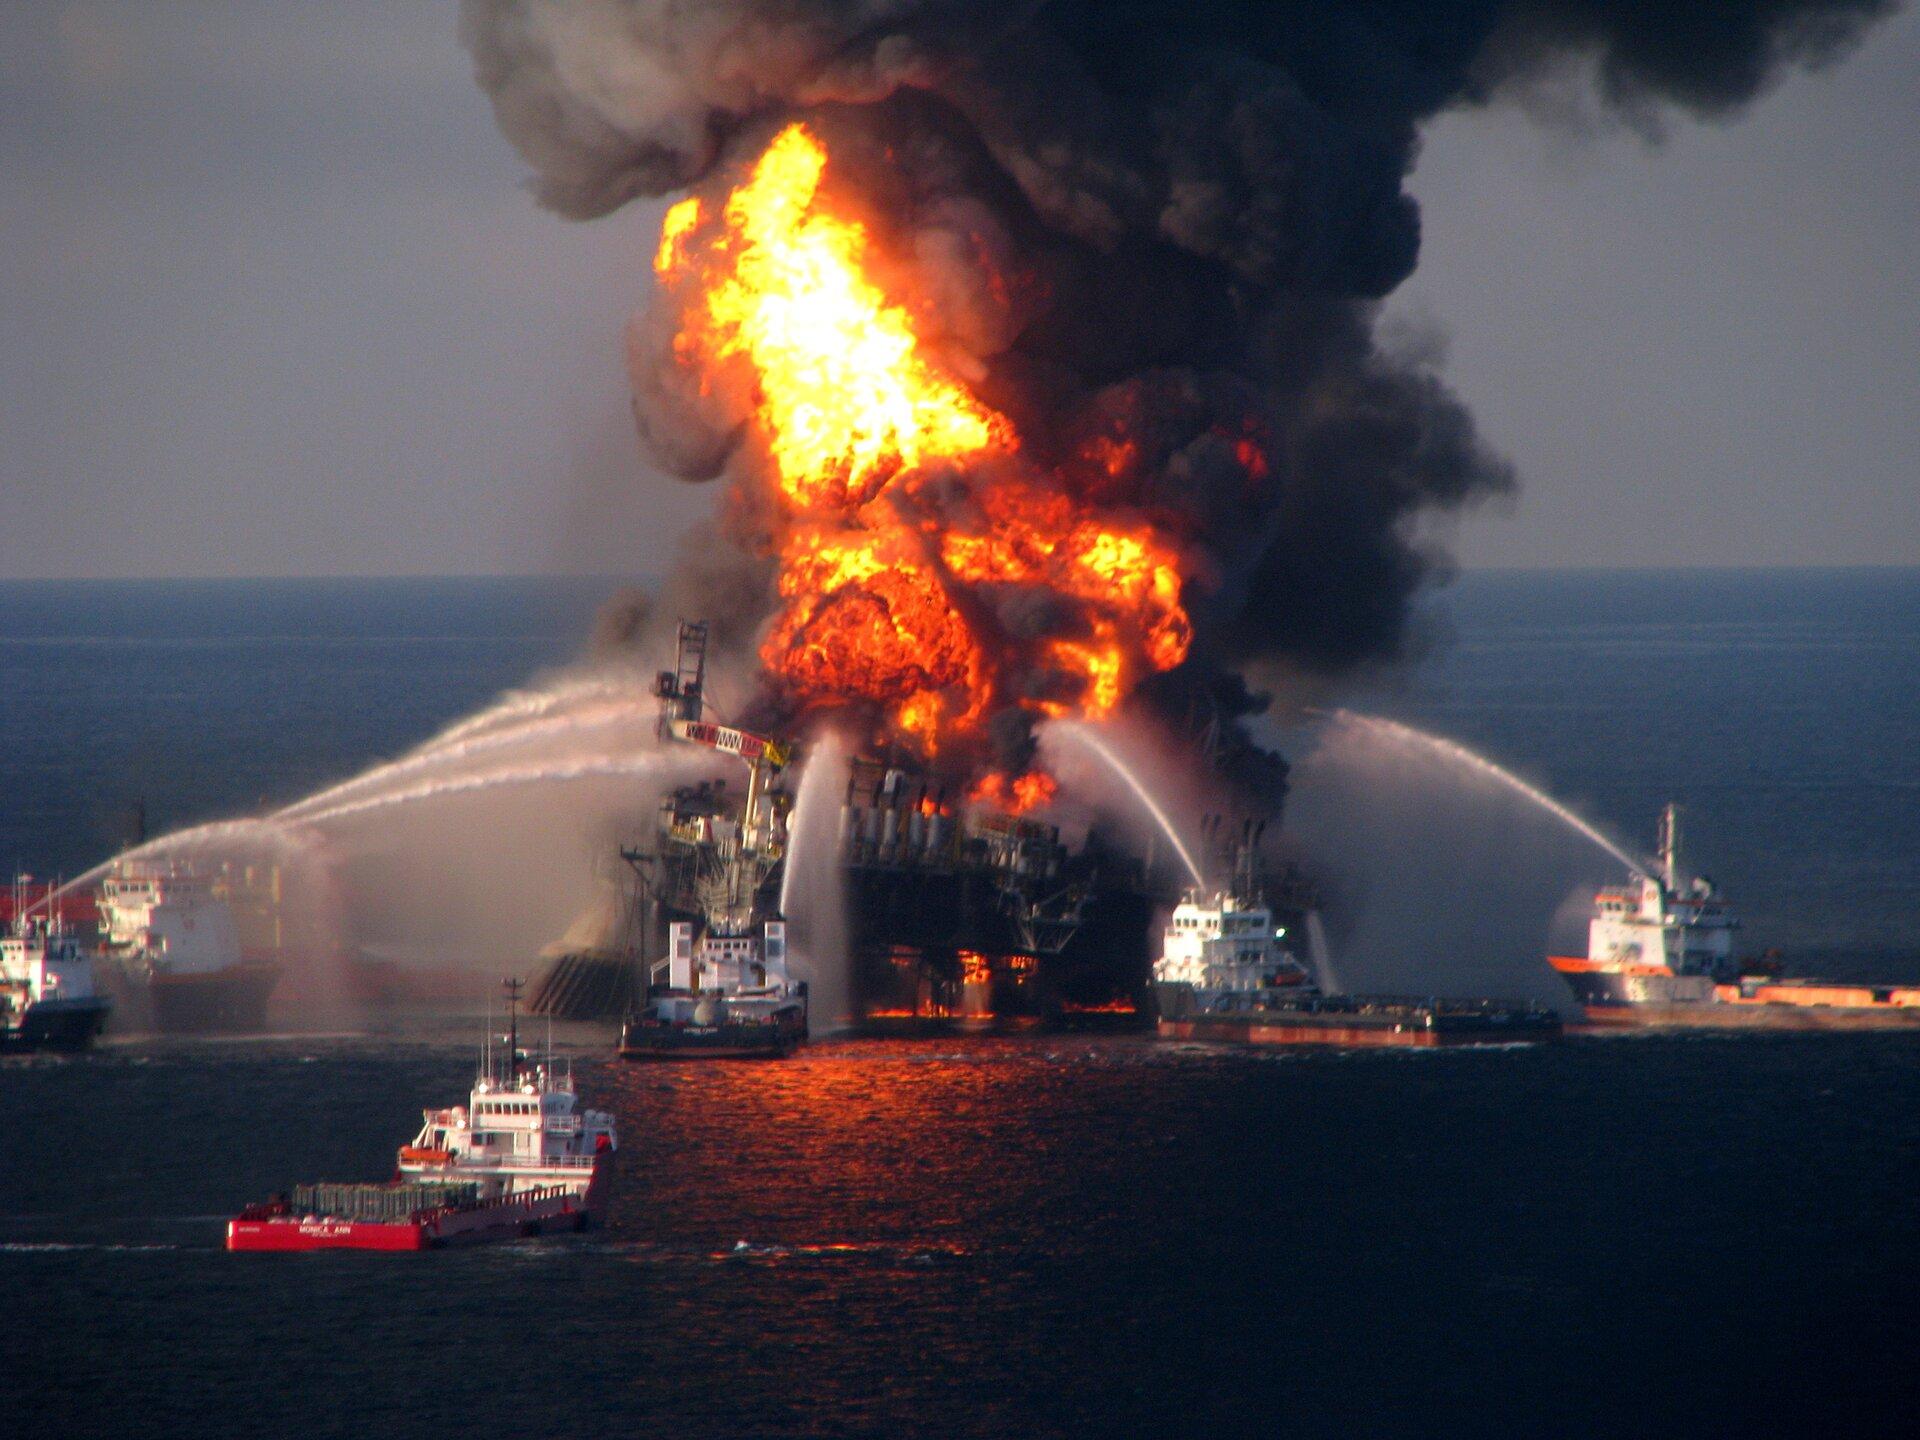 Na zdjęciu płonąca platforma wiertnicza. Czerwono-żółty ogień, kłęby szarego dymu. Dookoła platformy na wodzie pięć statków, zktórych wkierunku platformy lecą silne strumienie wody.